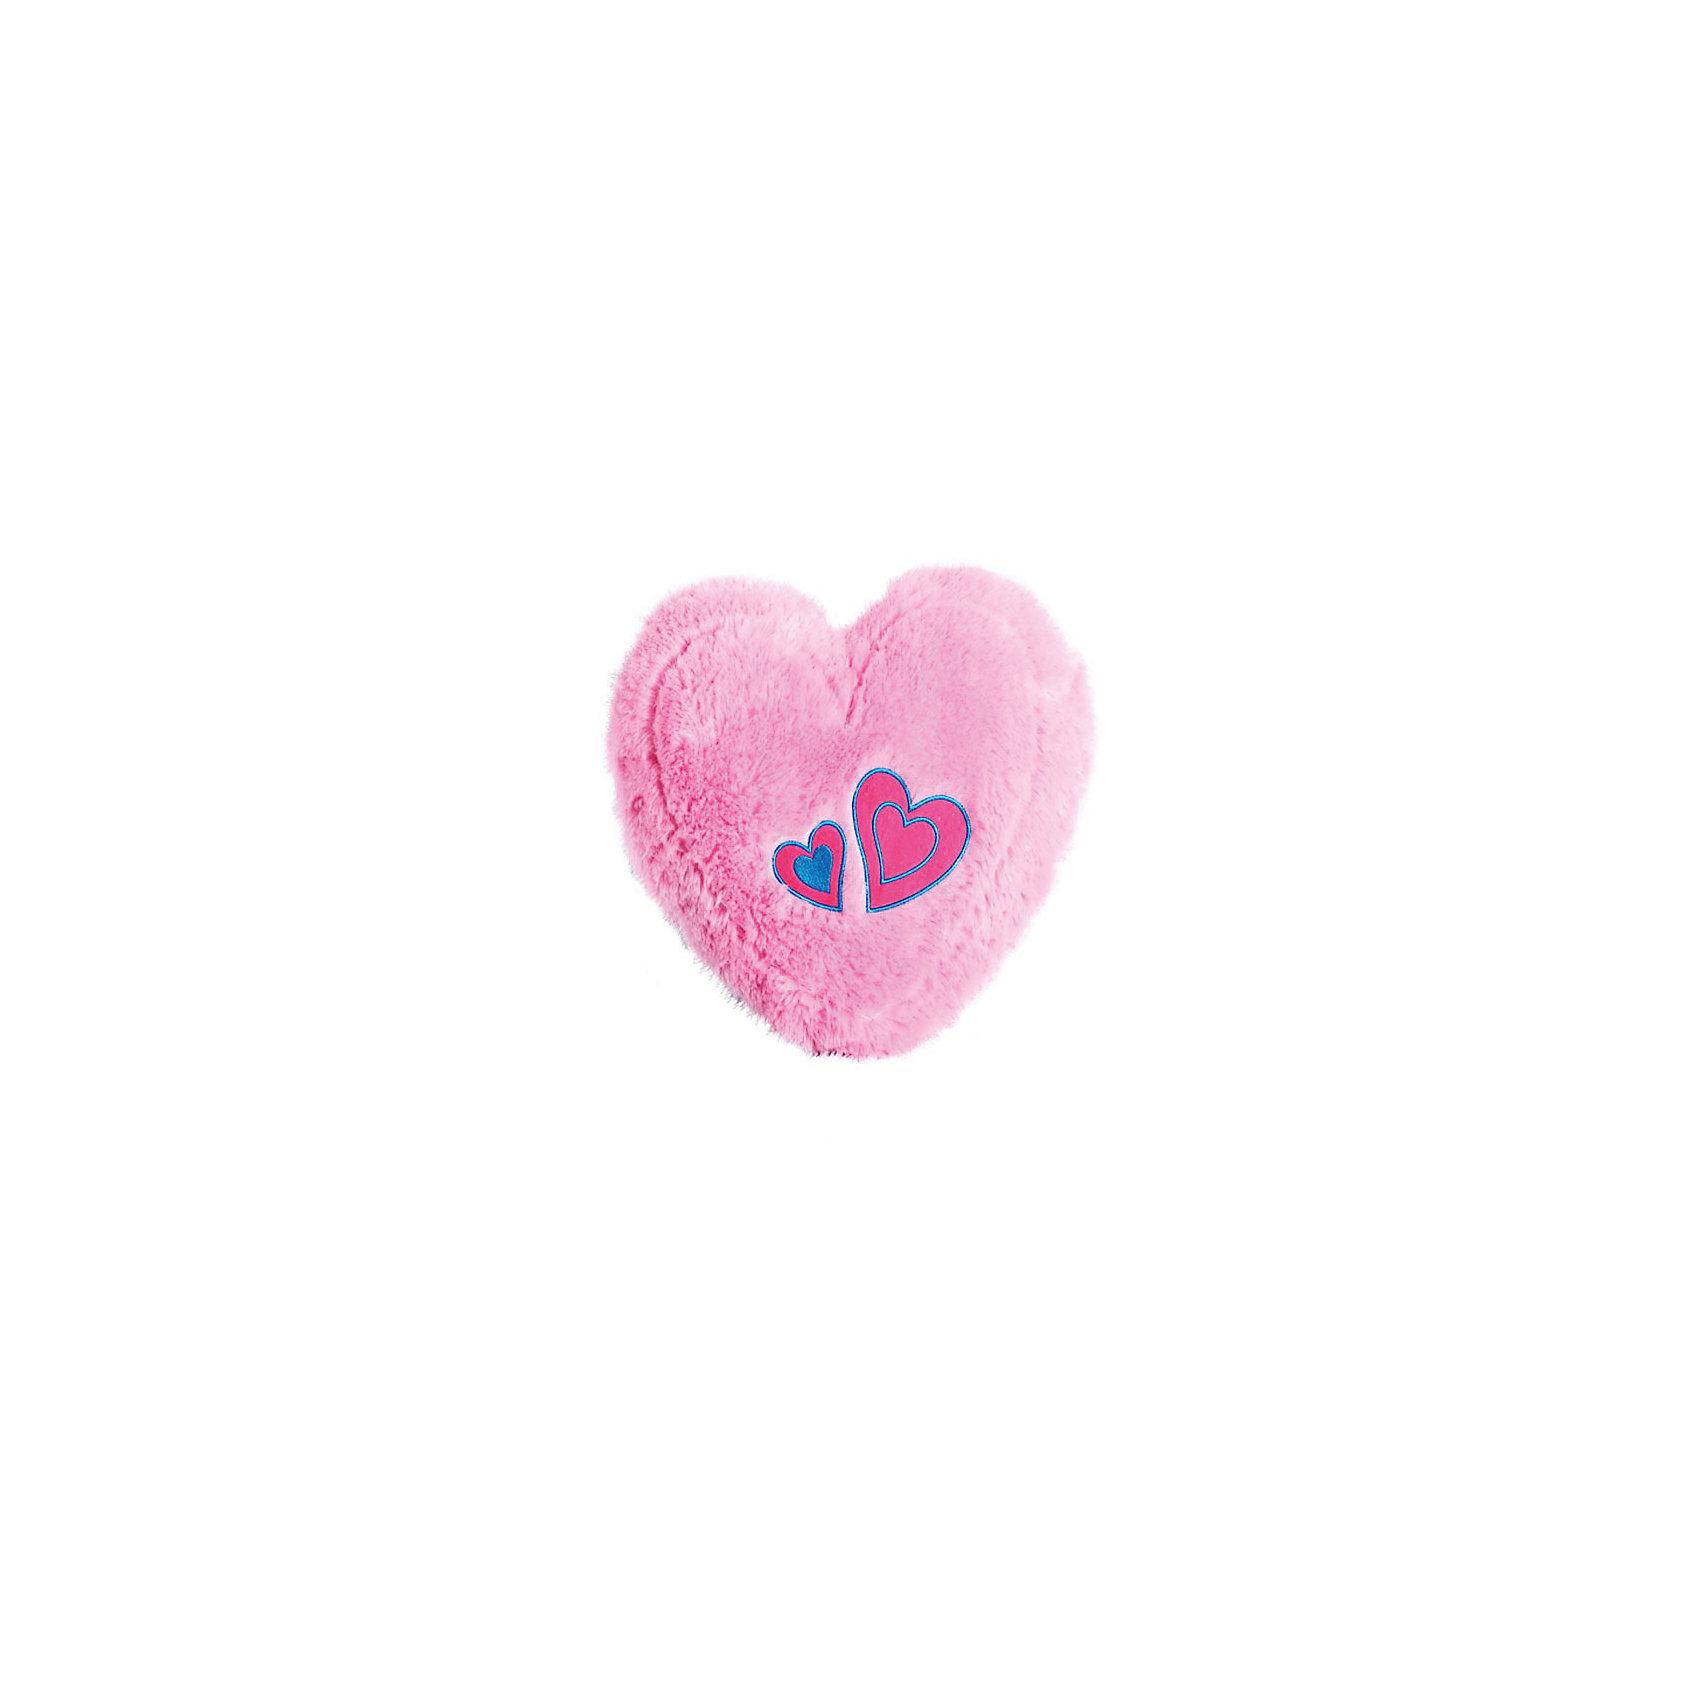 Валентинка Розовое сердце, GulliverПодушки антистресс<br>Валентинка Розовое сердце, светло розовый, Gulliver (Гулливер) ? замечательная мягкая игрушка от известного производителя Gulliver. Изготовленная из гипоаллергенного искусственно меха приятной расцветки станет очаровательным и милым подарком как для детей, так и для взрослых. Мягкая игрушка украшена аппликацией в форме двух сердец.<br>Валентинка Розовое сердце, светло розовый, Gulliver (Гулливер) может быть использована в качестве игрушки или в качестве милой подушки-думки. Поводом для подарка плюшевой валентинки может стать не только праздник, такое сердечко будет приятно получить и без повода.<br>Валентинка Розовое сердце, светло розовый, Gulliver (Гулливер) изготовлена из качественного искусственного меха, не вызывает аллергию, легко поддается стирке. Малышам такой подарок позволит развивать тактильные ощущения.<br><br>Дополнительная информация:<br><br>- Вид игр: сюжетно-ролевые игры <br>- Предназначение: для дома<br>- Материал: текстиль, искусственный мех<br>- Размер (ДхШхВ): 38*32*12 см<br>- Вес: 397 г<br>- Особенности ухода: допускается машинная стирка на деликатном режиме<br><br>ВНИМАНИЕ! Данный артикул имеется в наличии в разных цветовых исполнениях (розовый, светло розовый). К сожалению, заранее выбрать определенный цвет невозможно.<br><br>Подробнее:<br><br>• Для детей в возрасте: от 3 лет и до 7 лет <br>• Страна производитель: Тайвань<br>• Торговый бренд: Gulliver<br><br>Валентинку Розовое сердце, светло розовую, Gulliver (Гулливер) можно купить в нашем интернет-магазине.<br><br>Ширина мм: 380<br>Глубина мм: 320<br>Высота мм: 120<br>Вес г: 397<br>Возраст от месяцев: 36<br>Возраст до месяцев: 84<br>Пол: Унисекс<br>Возраст: Детский<br>SKU: 4797173